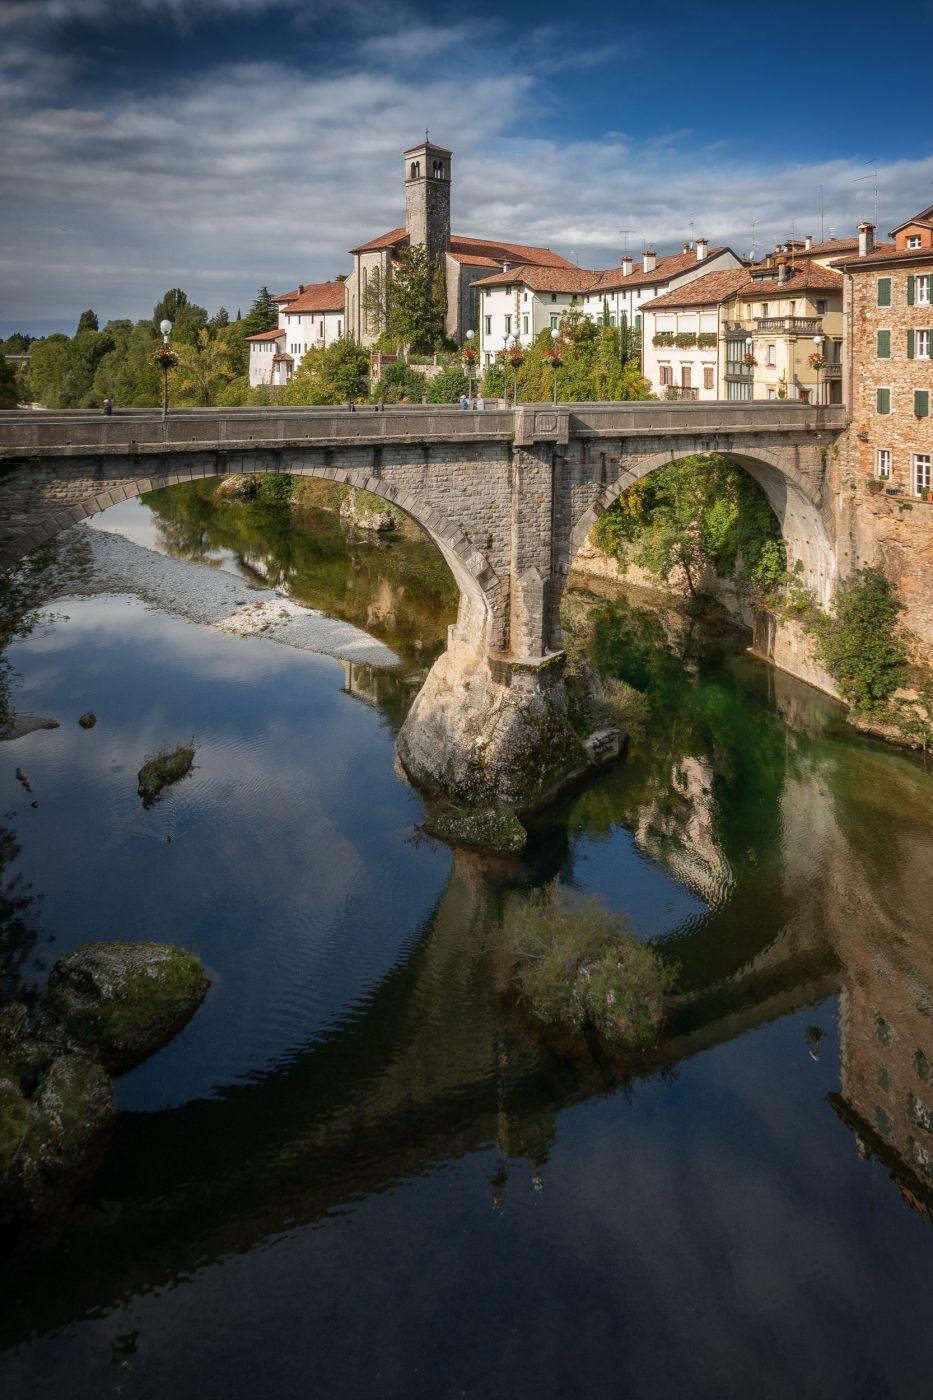 Devils Bridge, Italy